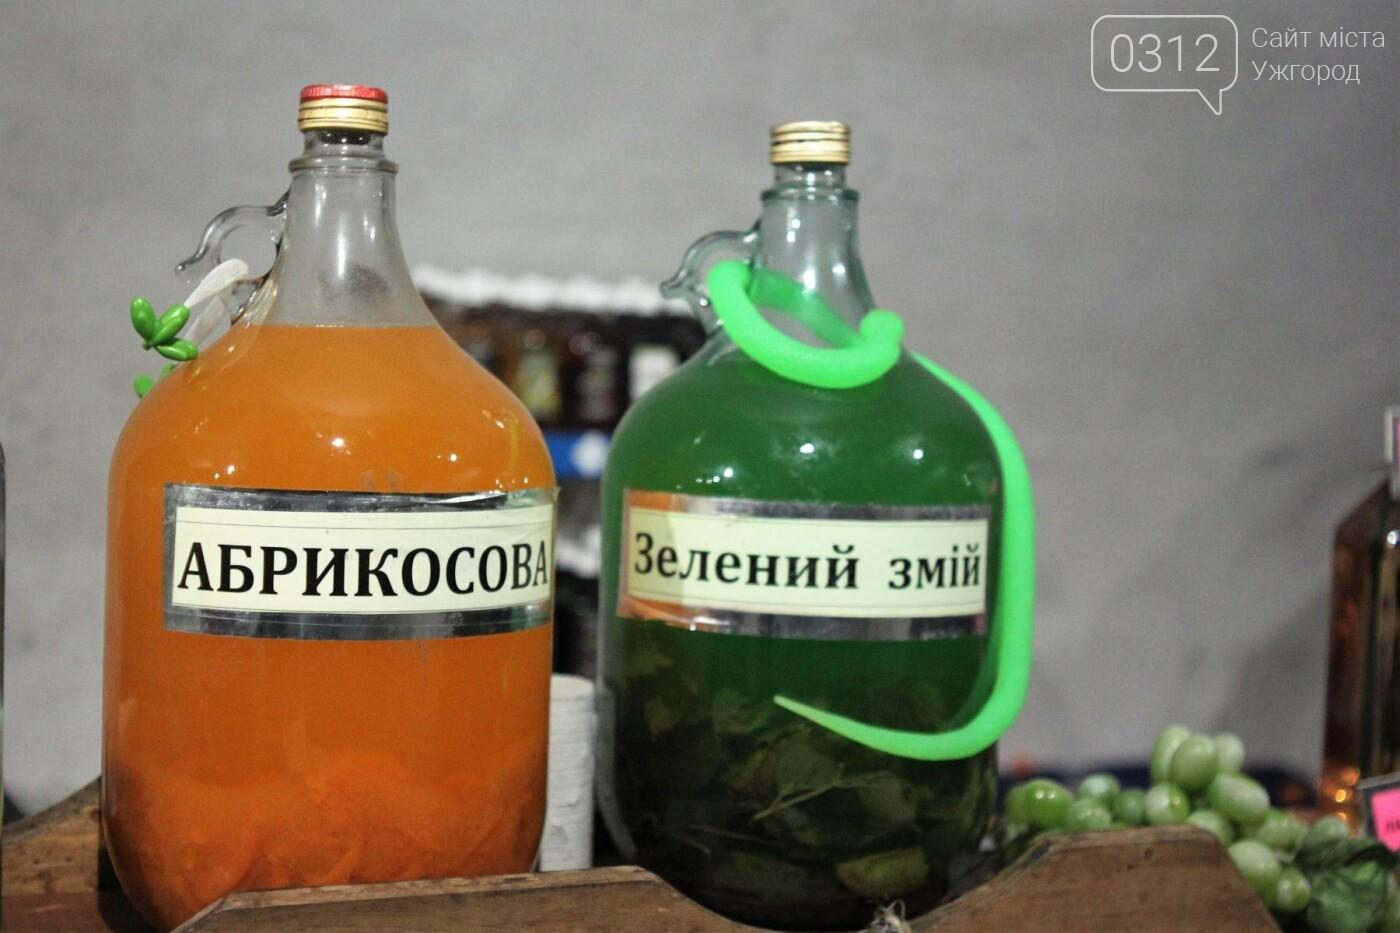 Ужгород п'є молоде вино: фоторепортаж, фото-15